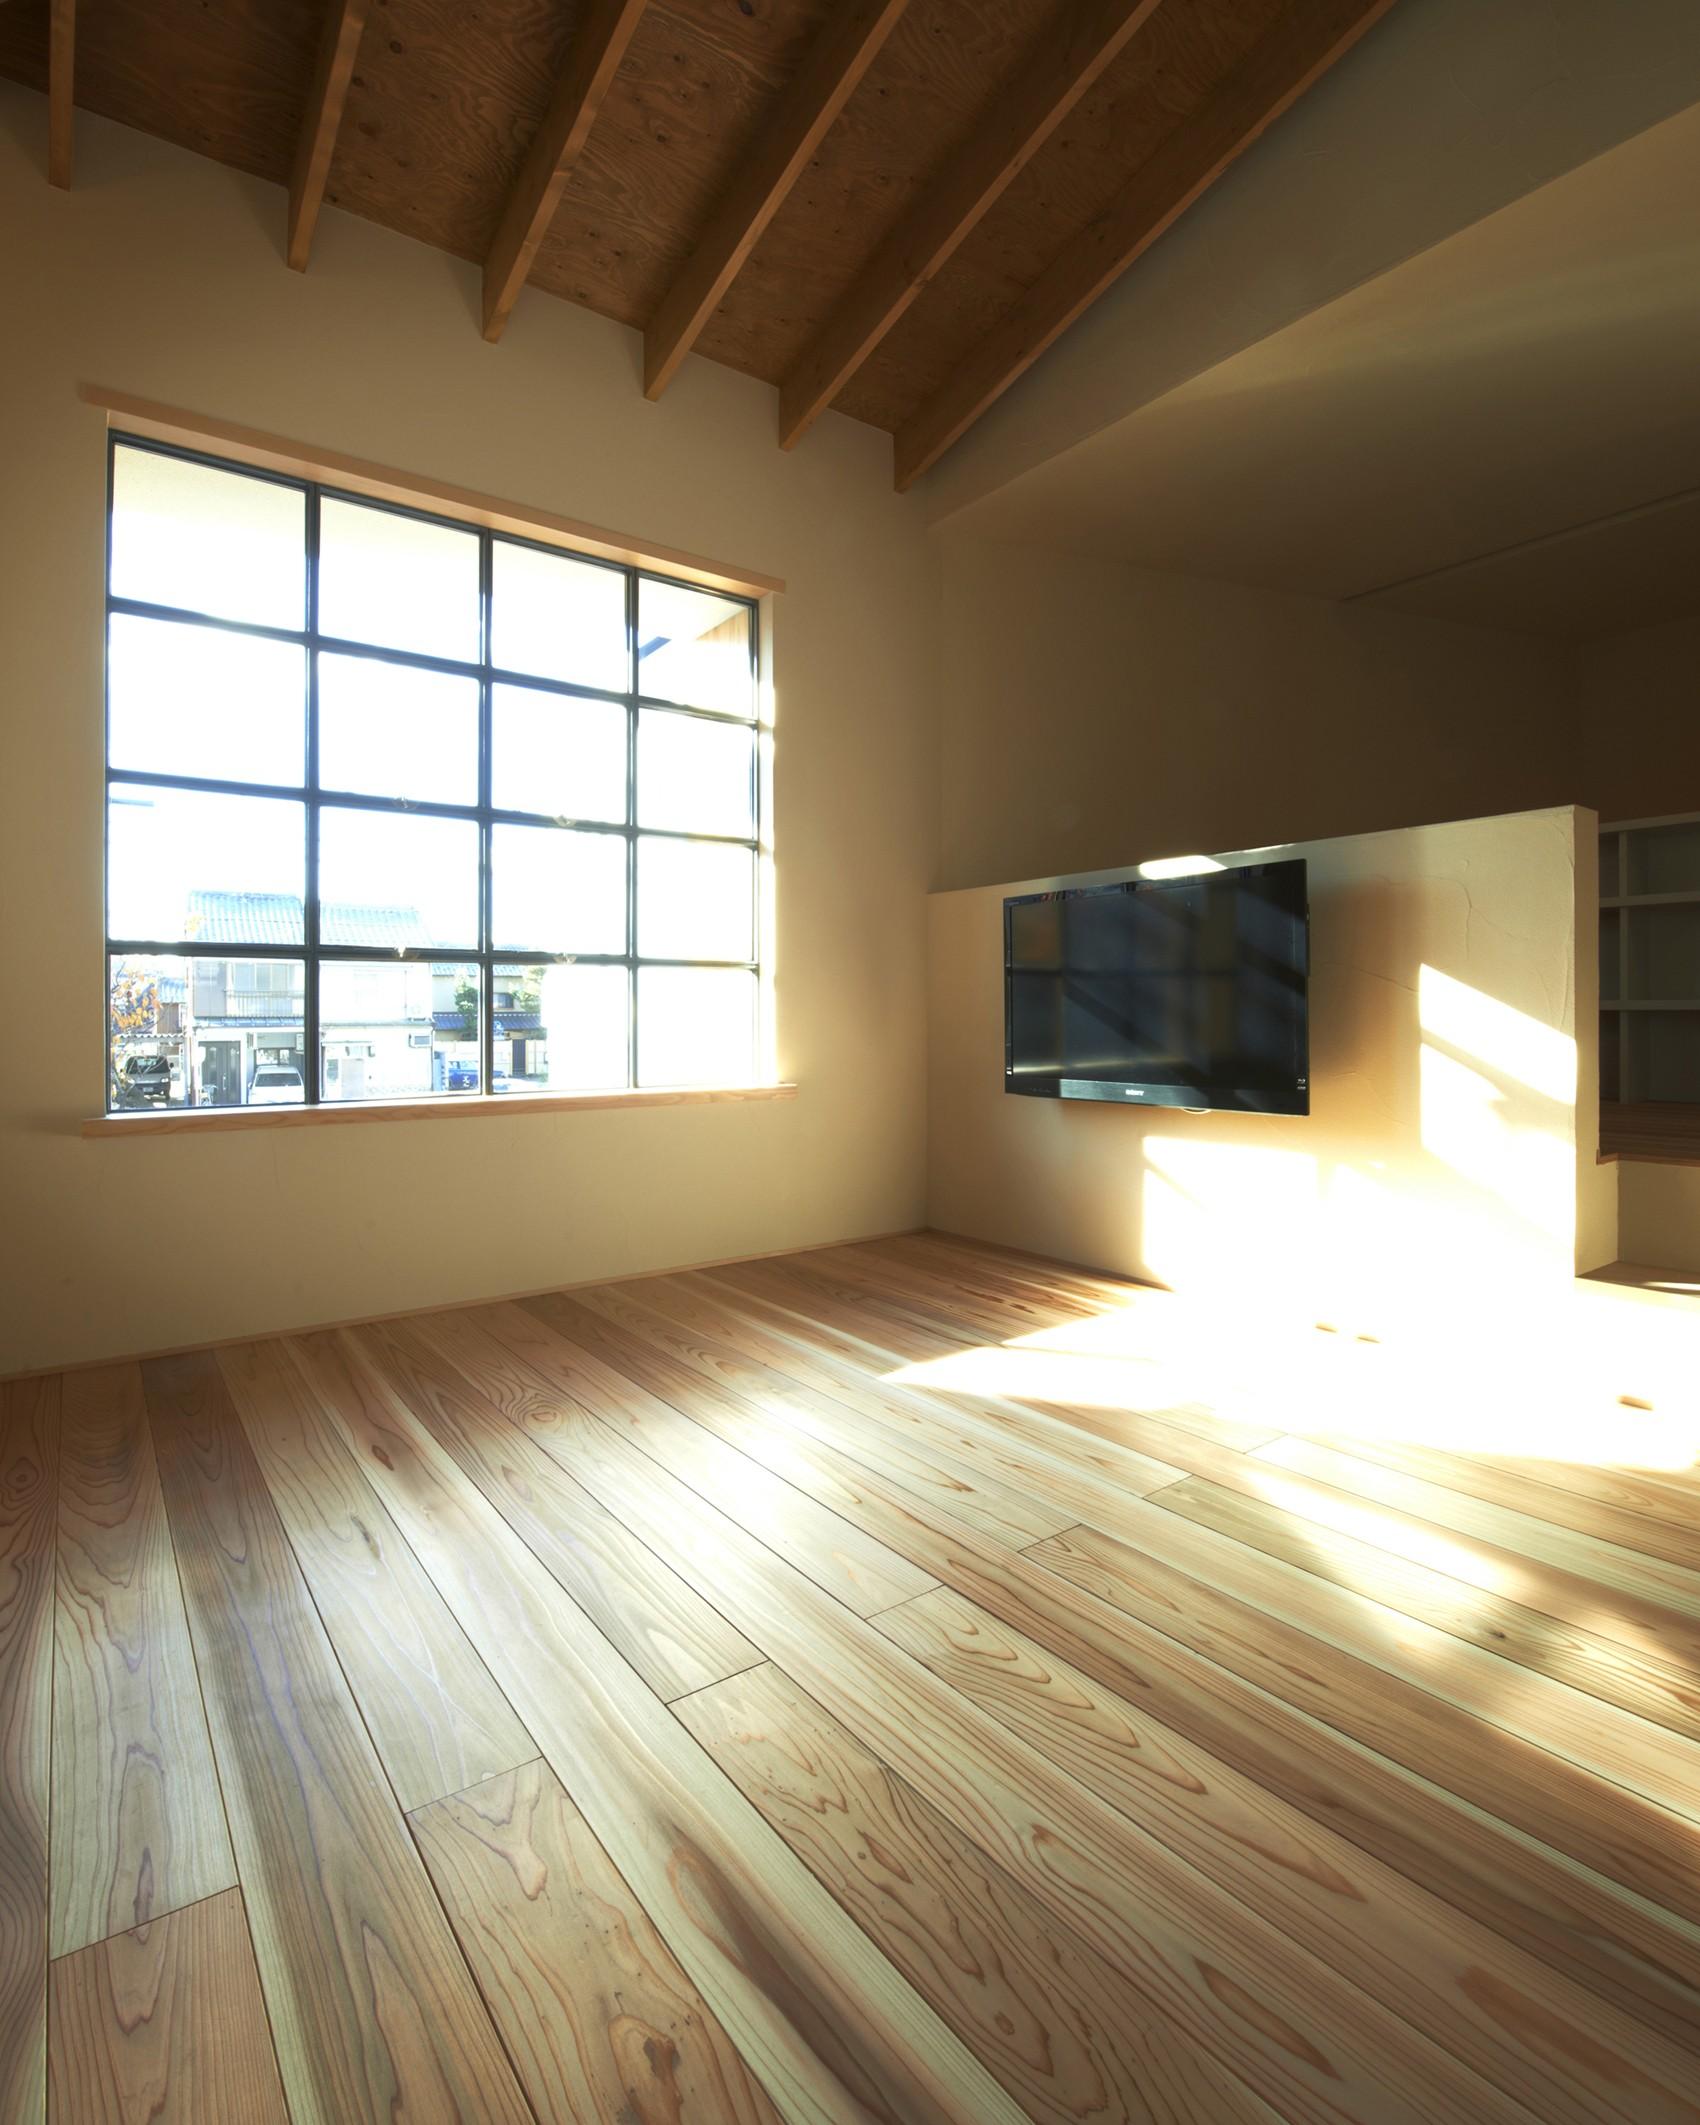 リビングダイニング事例:居間スペースよりスチールサッシを通して外を見る。(木造町の離れ)